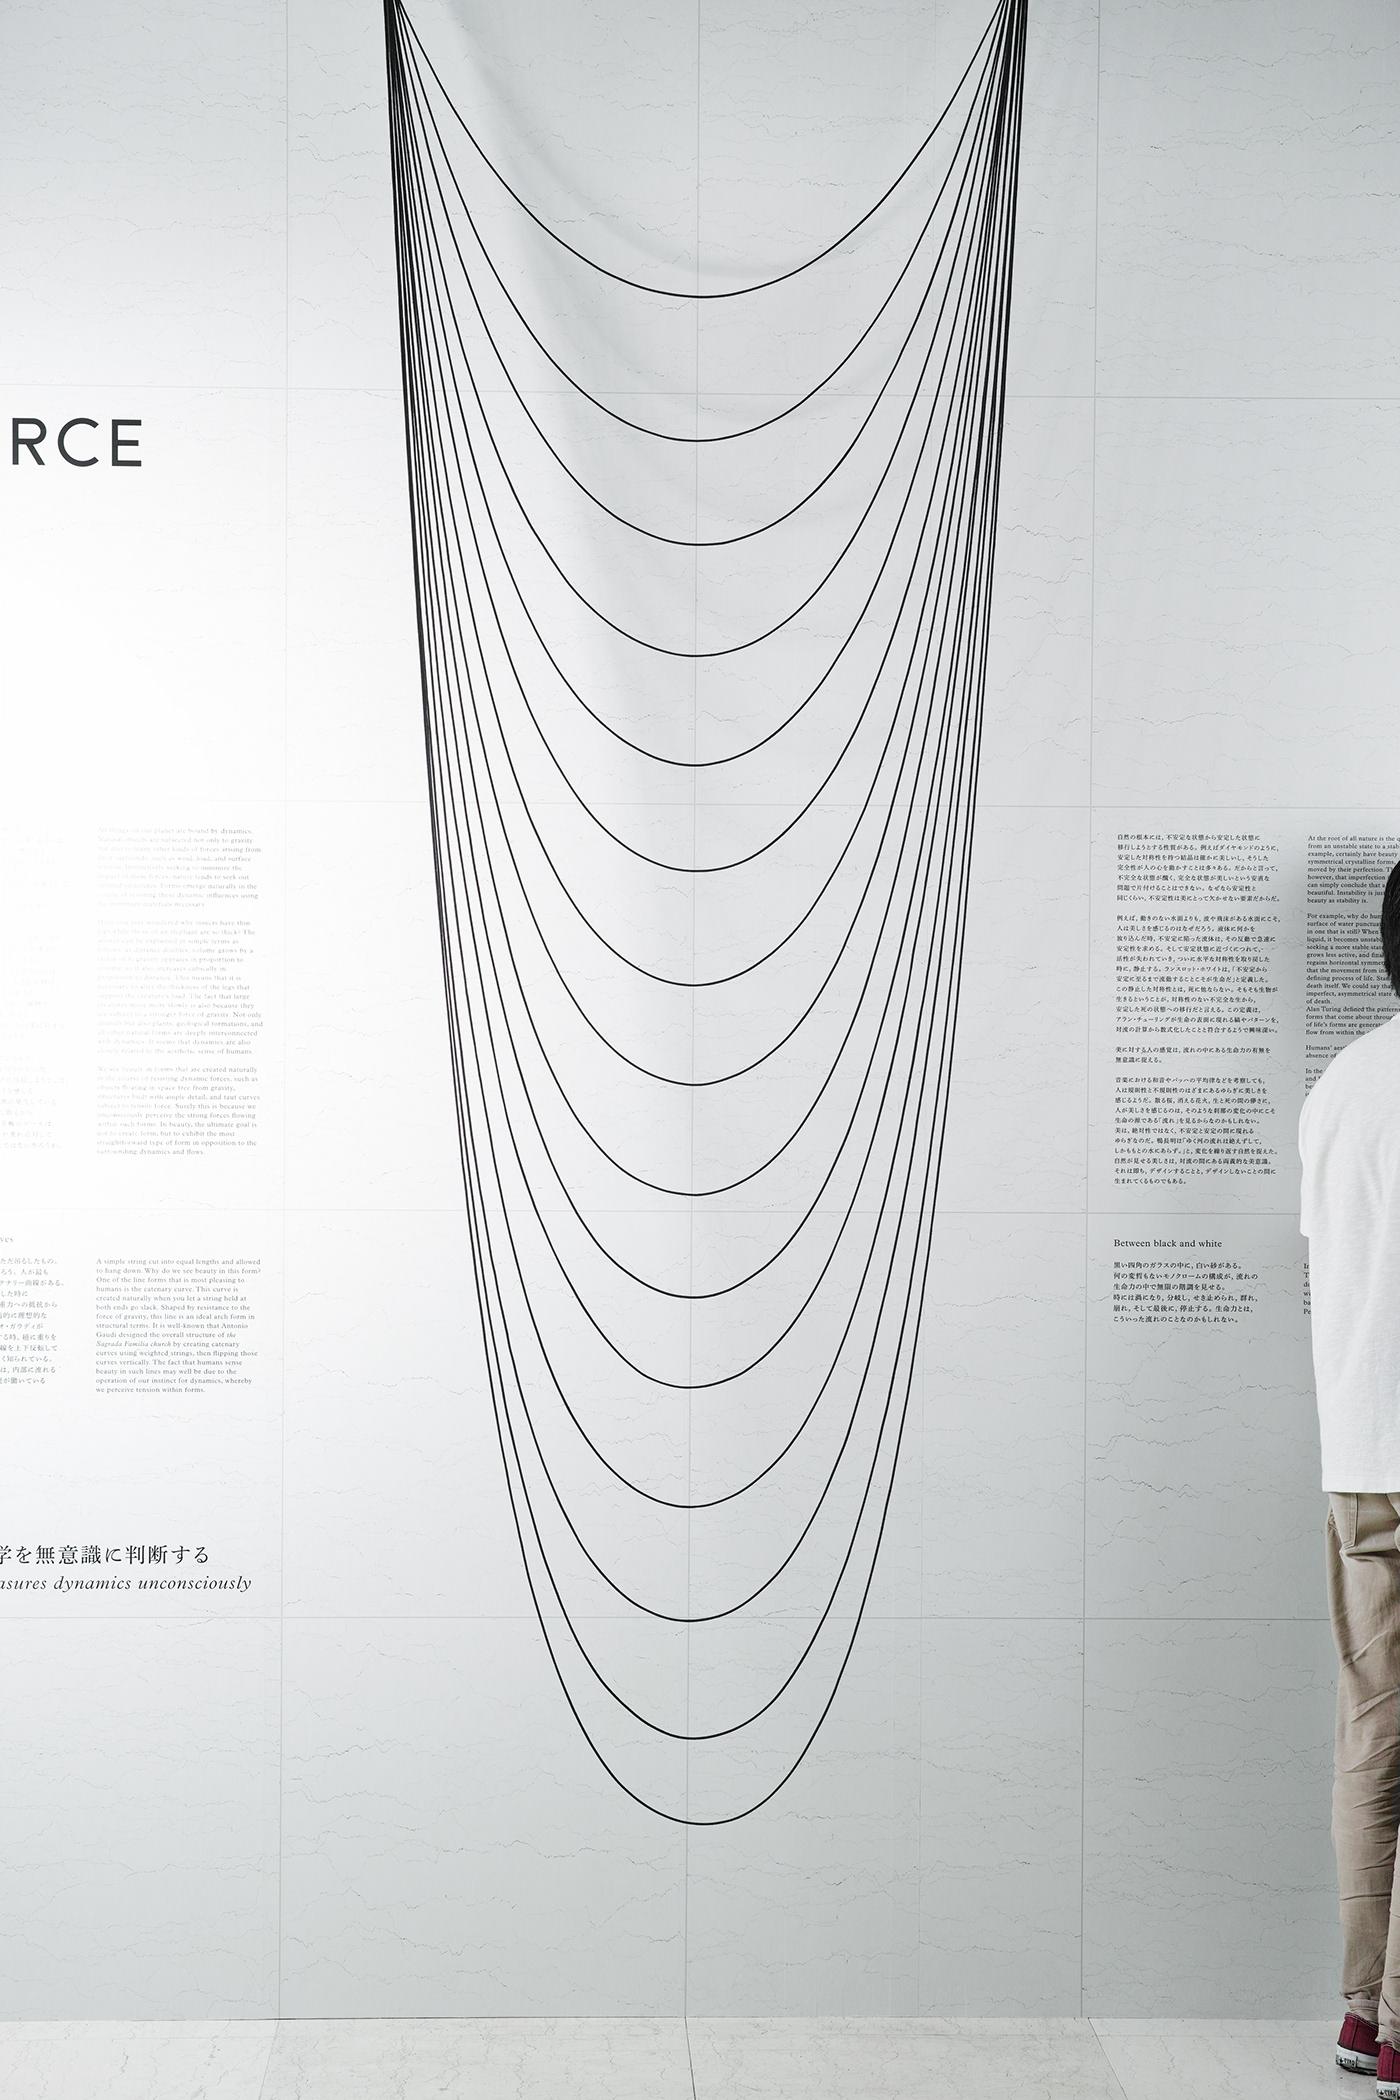 evolutionthinking knowledge designthinking Nature ecosystem innovation force beauty gravity Eisuke Tachikawa